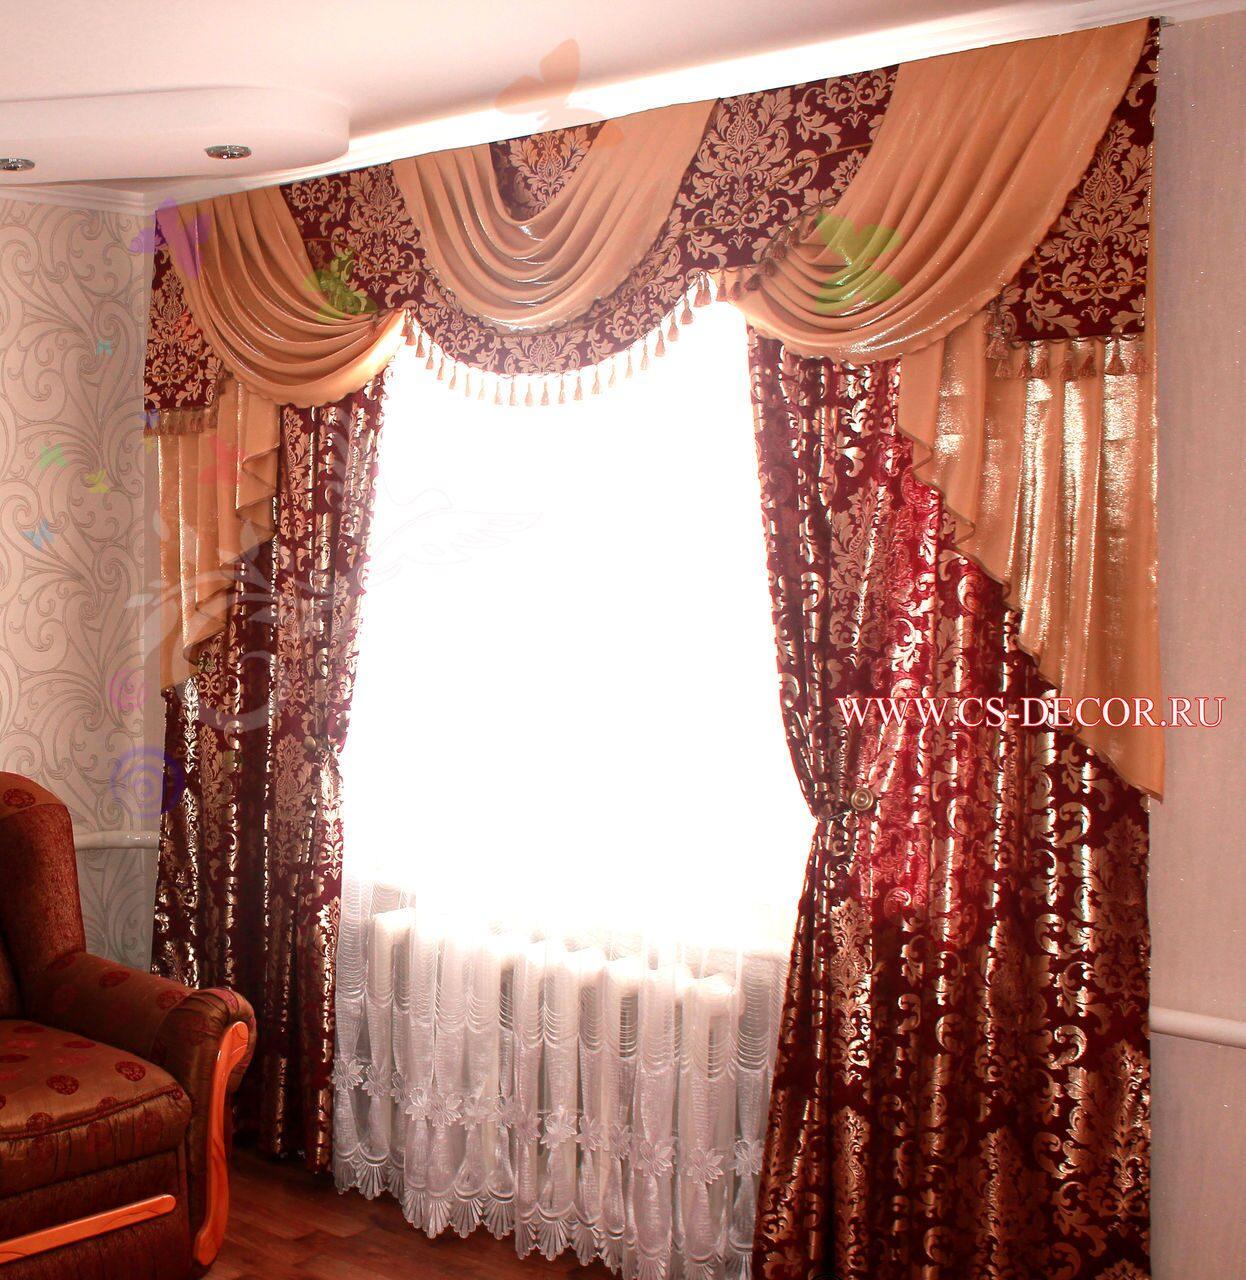 Шитье штор и ламбрекенов фото